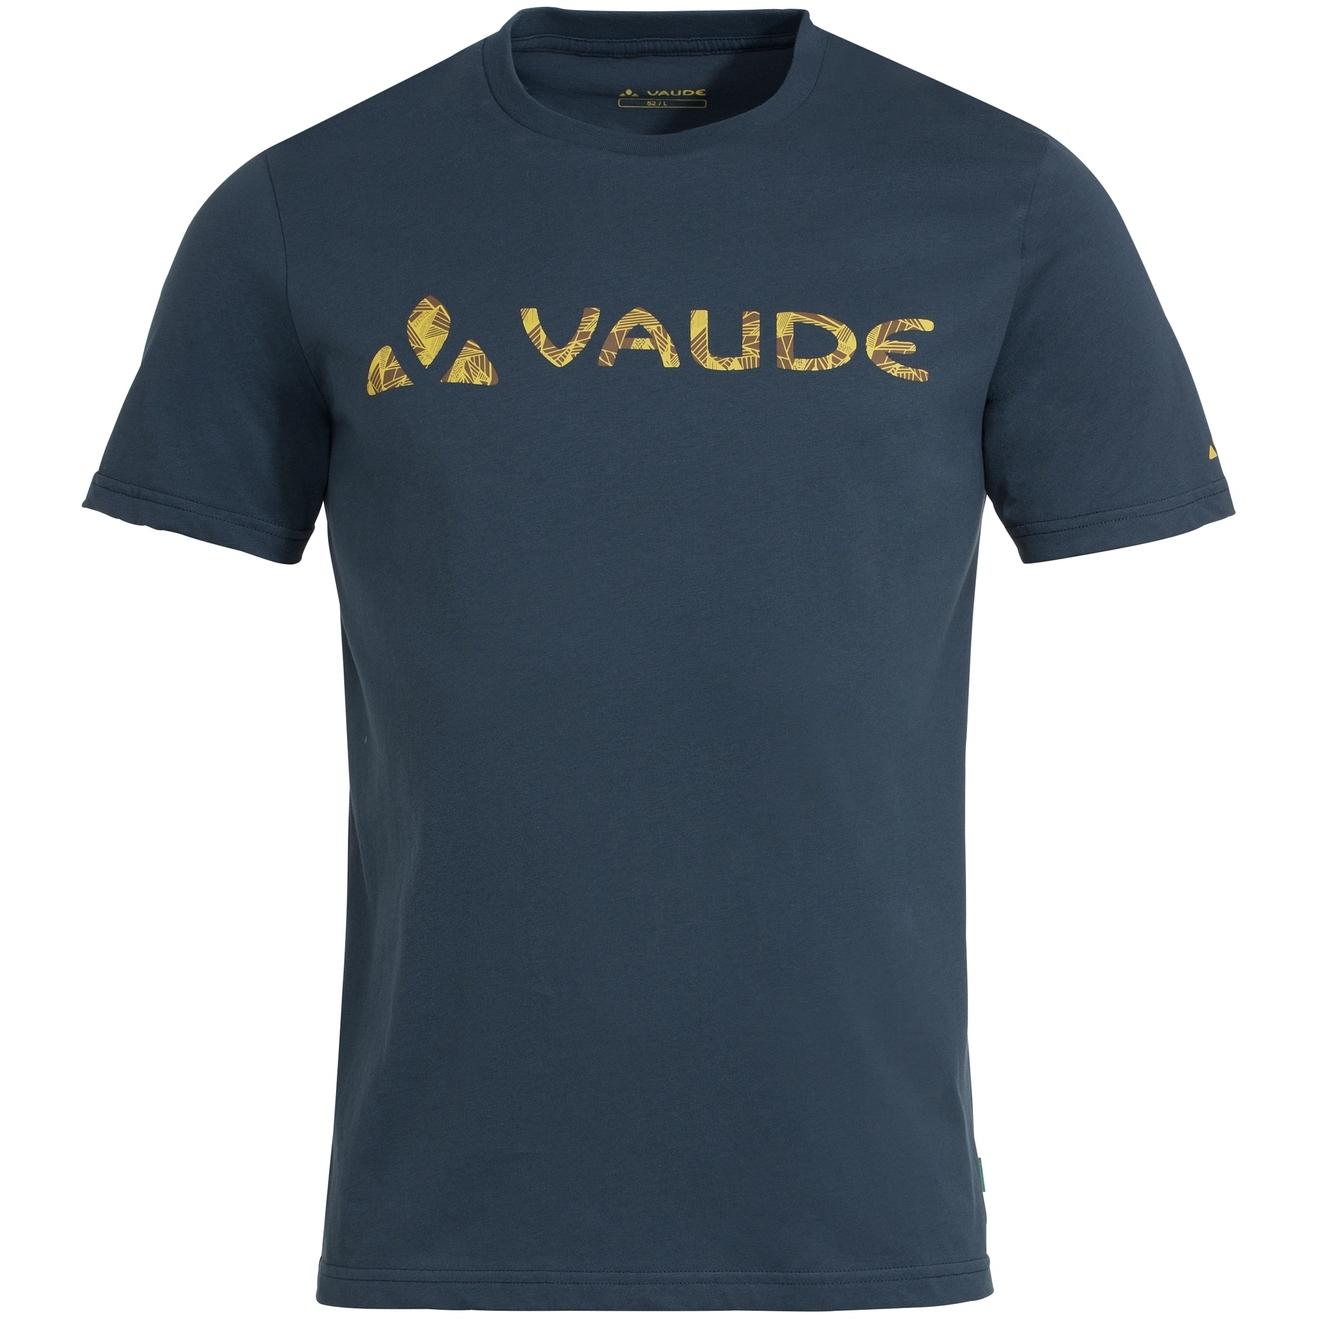 Vaude Logo T-Shirt - steelblue